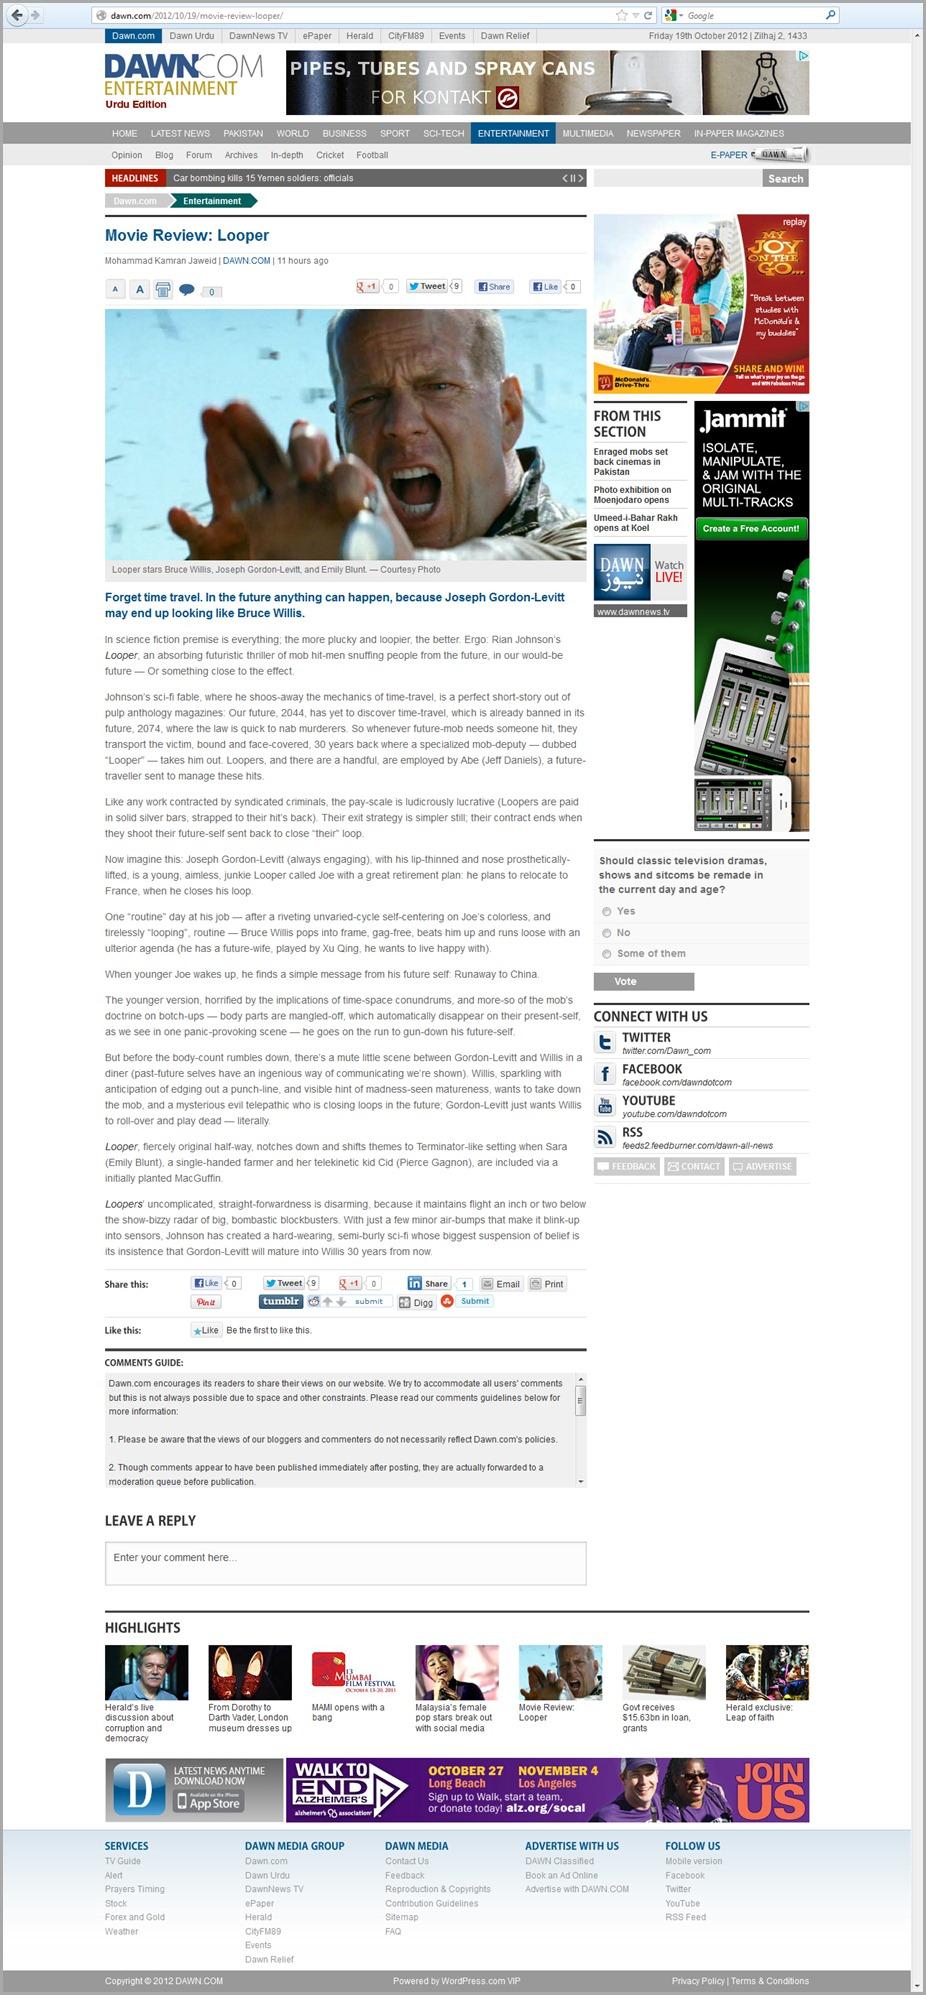 Looper-Dawn.com-19-10-2012